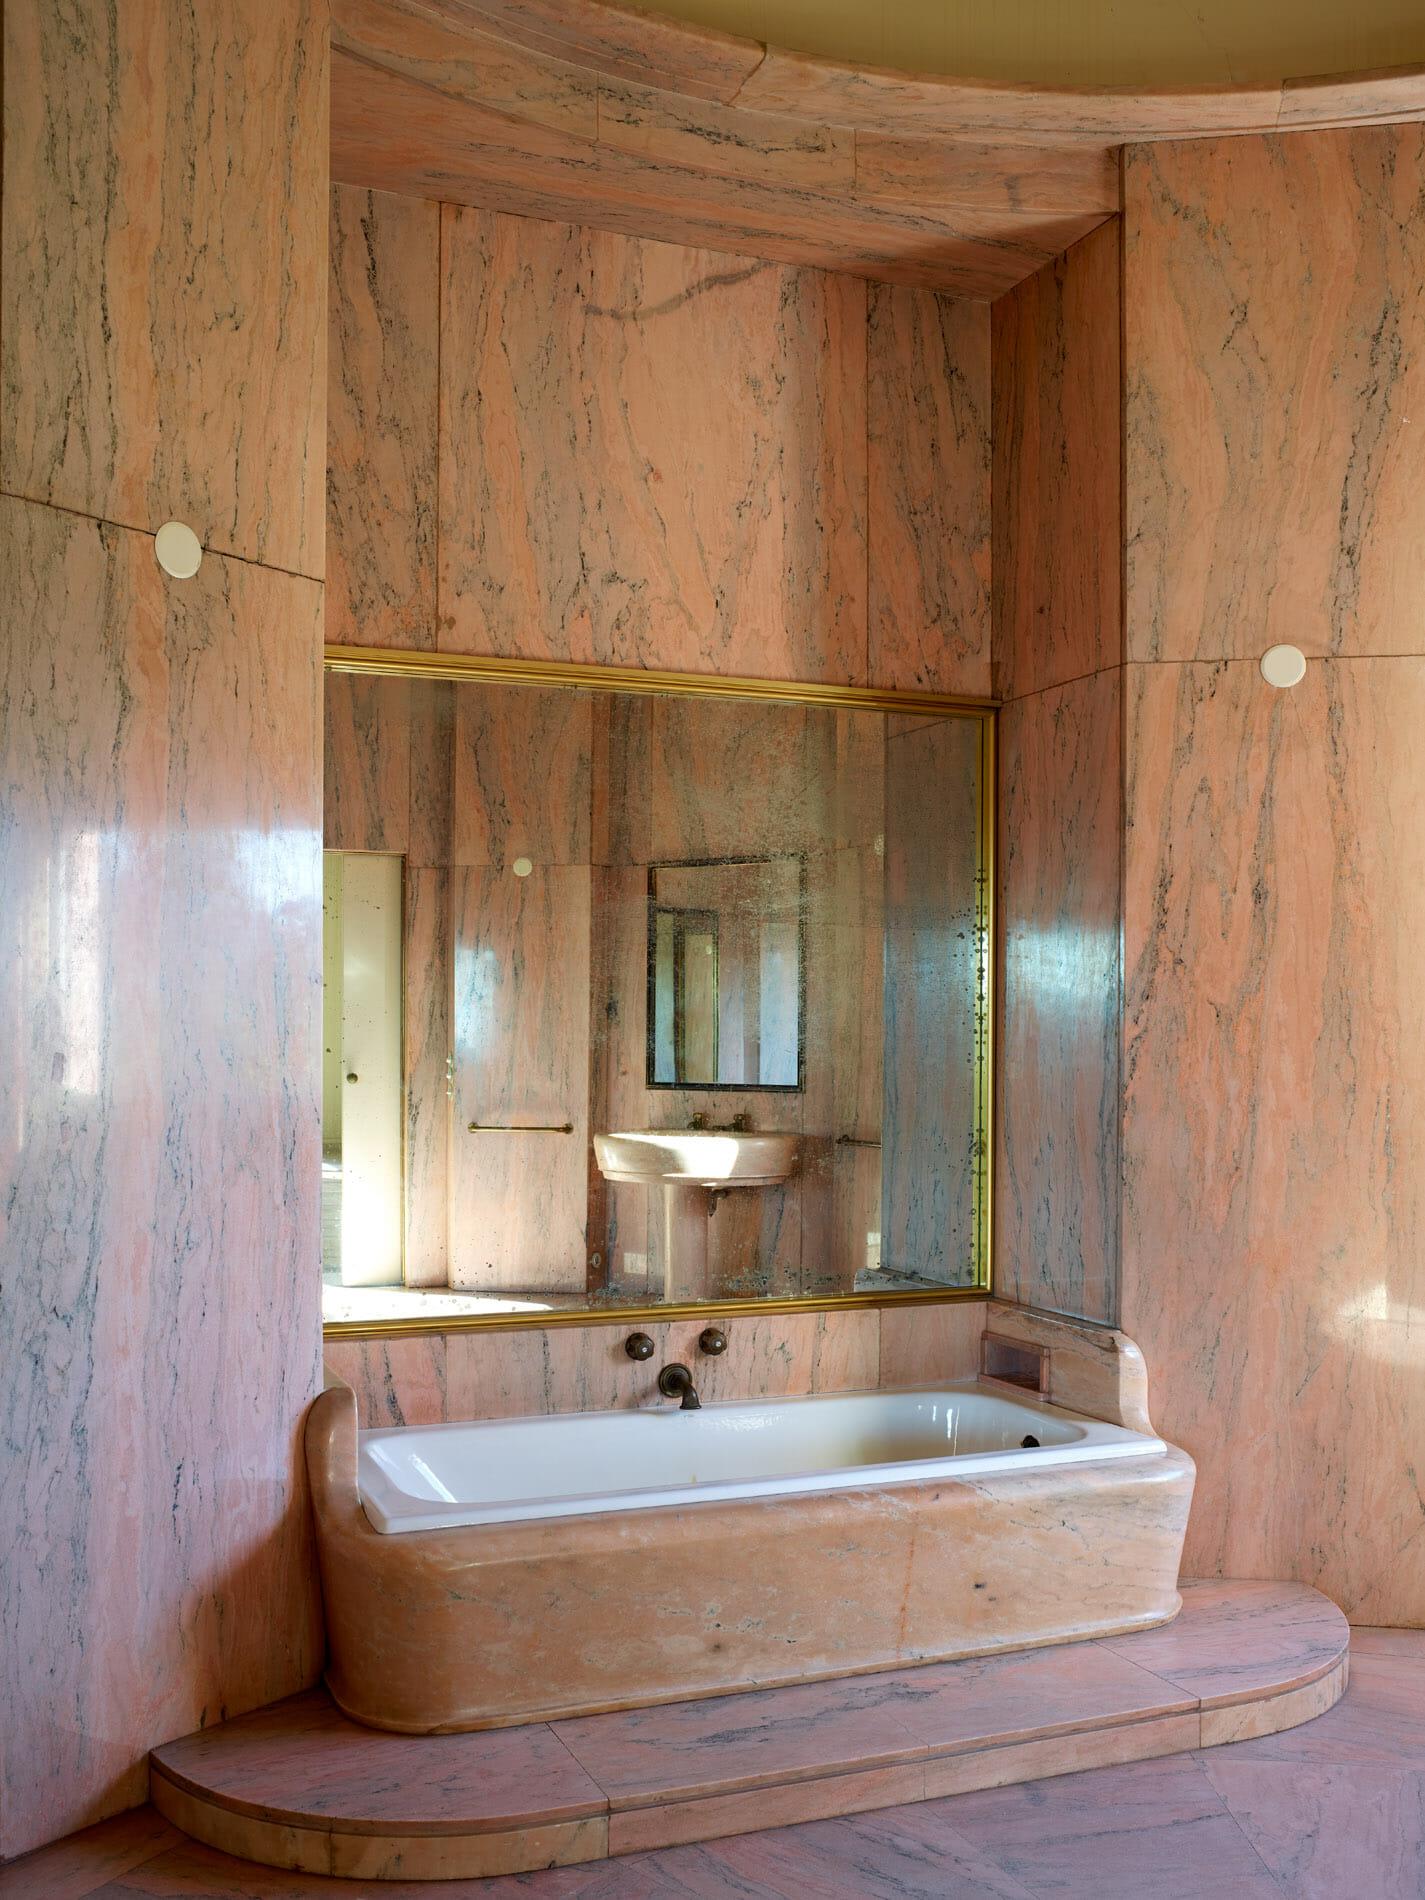 rachael-smith-interiors-14122019-092-1